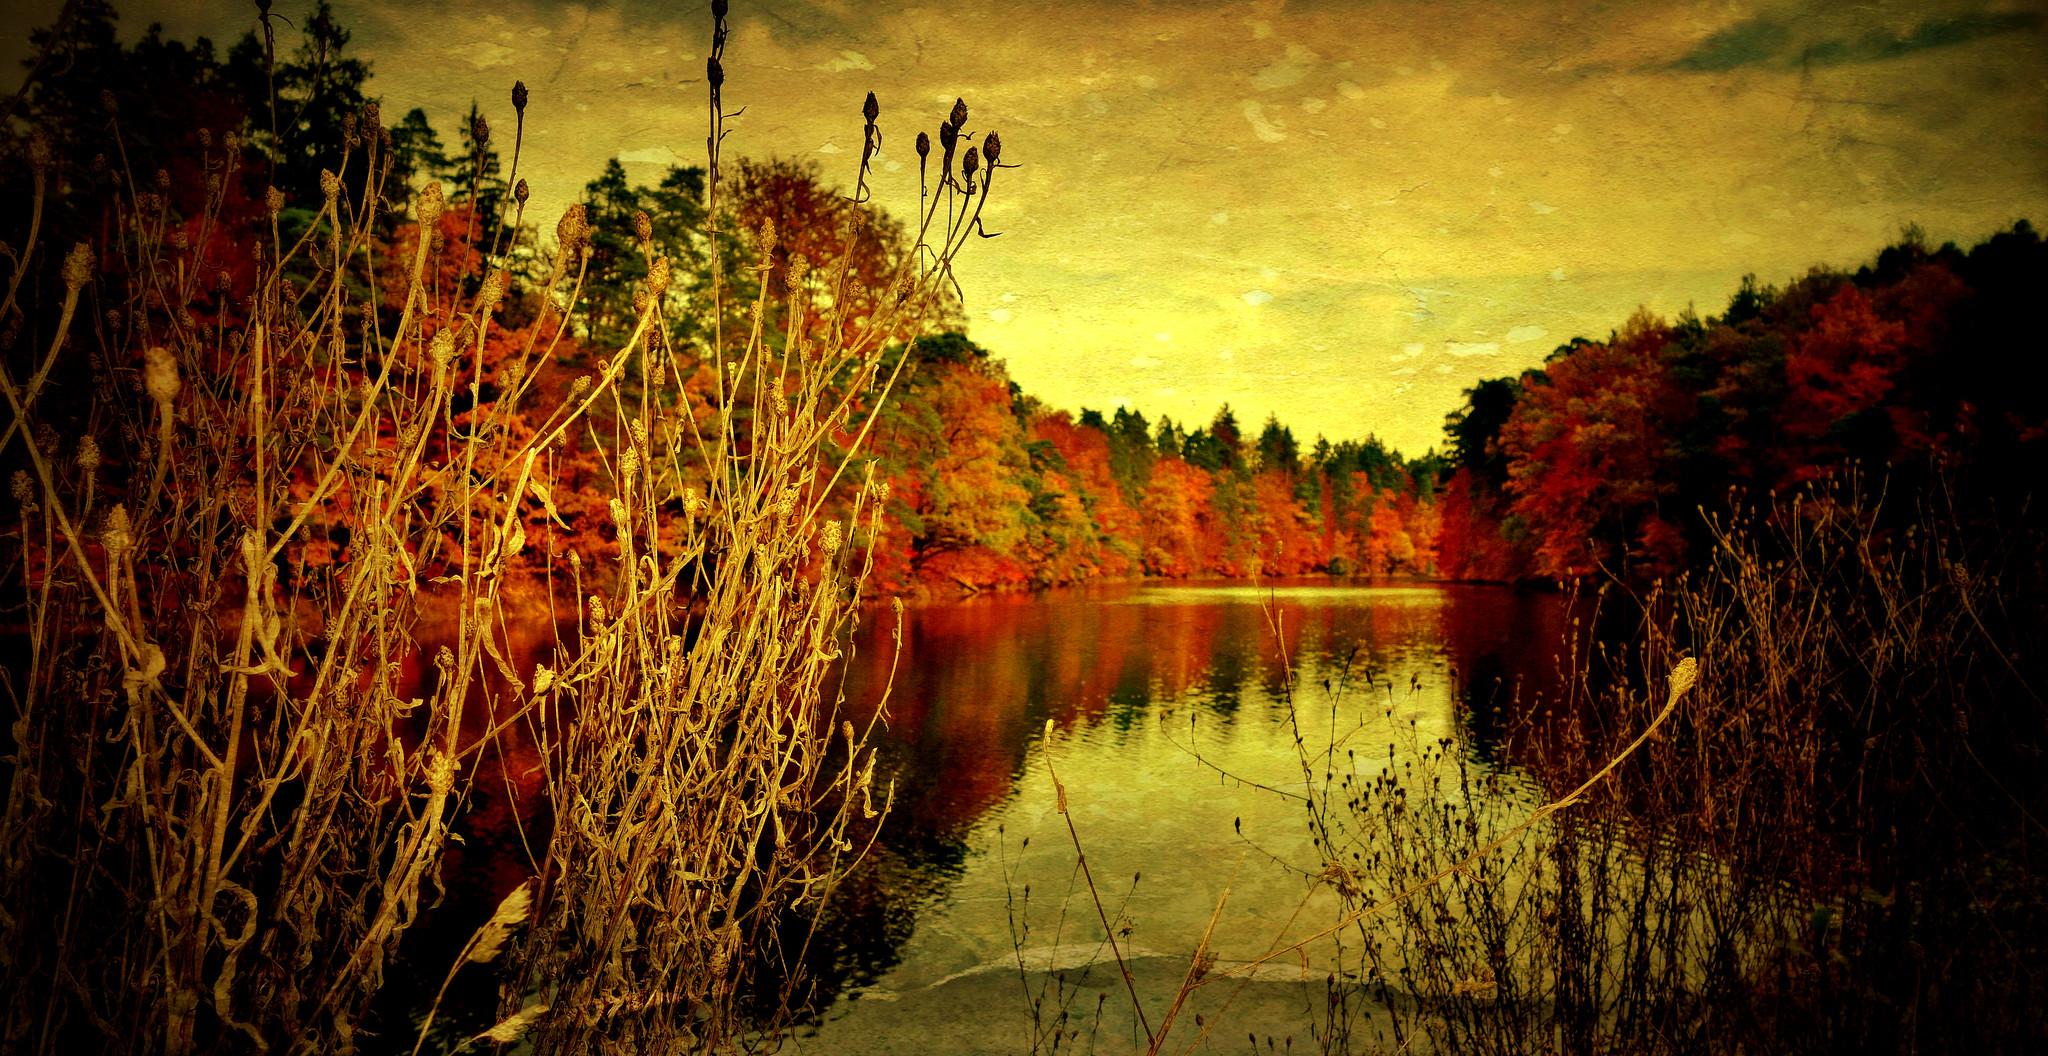 Germany, Herbst rund um den Bärensee bei Stuttgart, 75637/9113